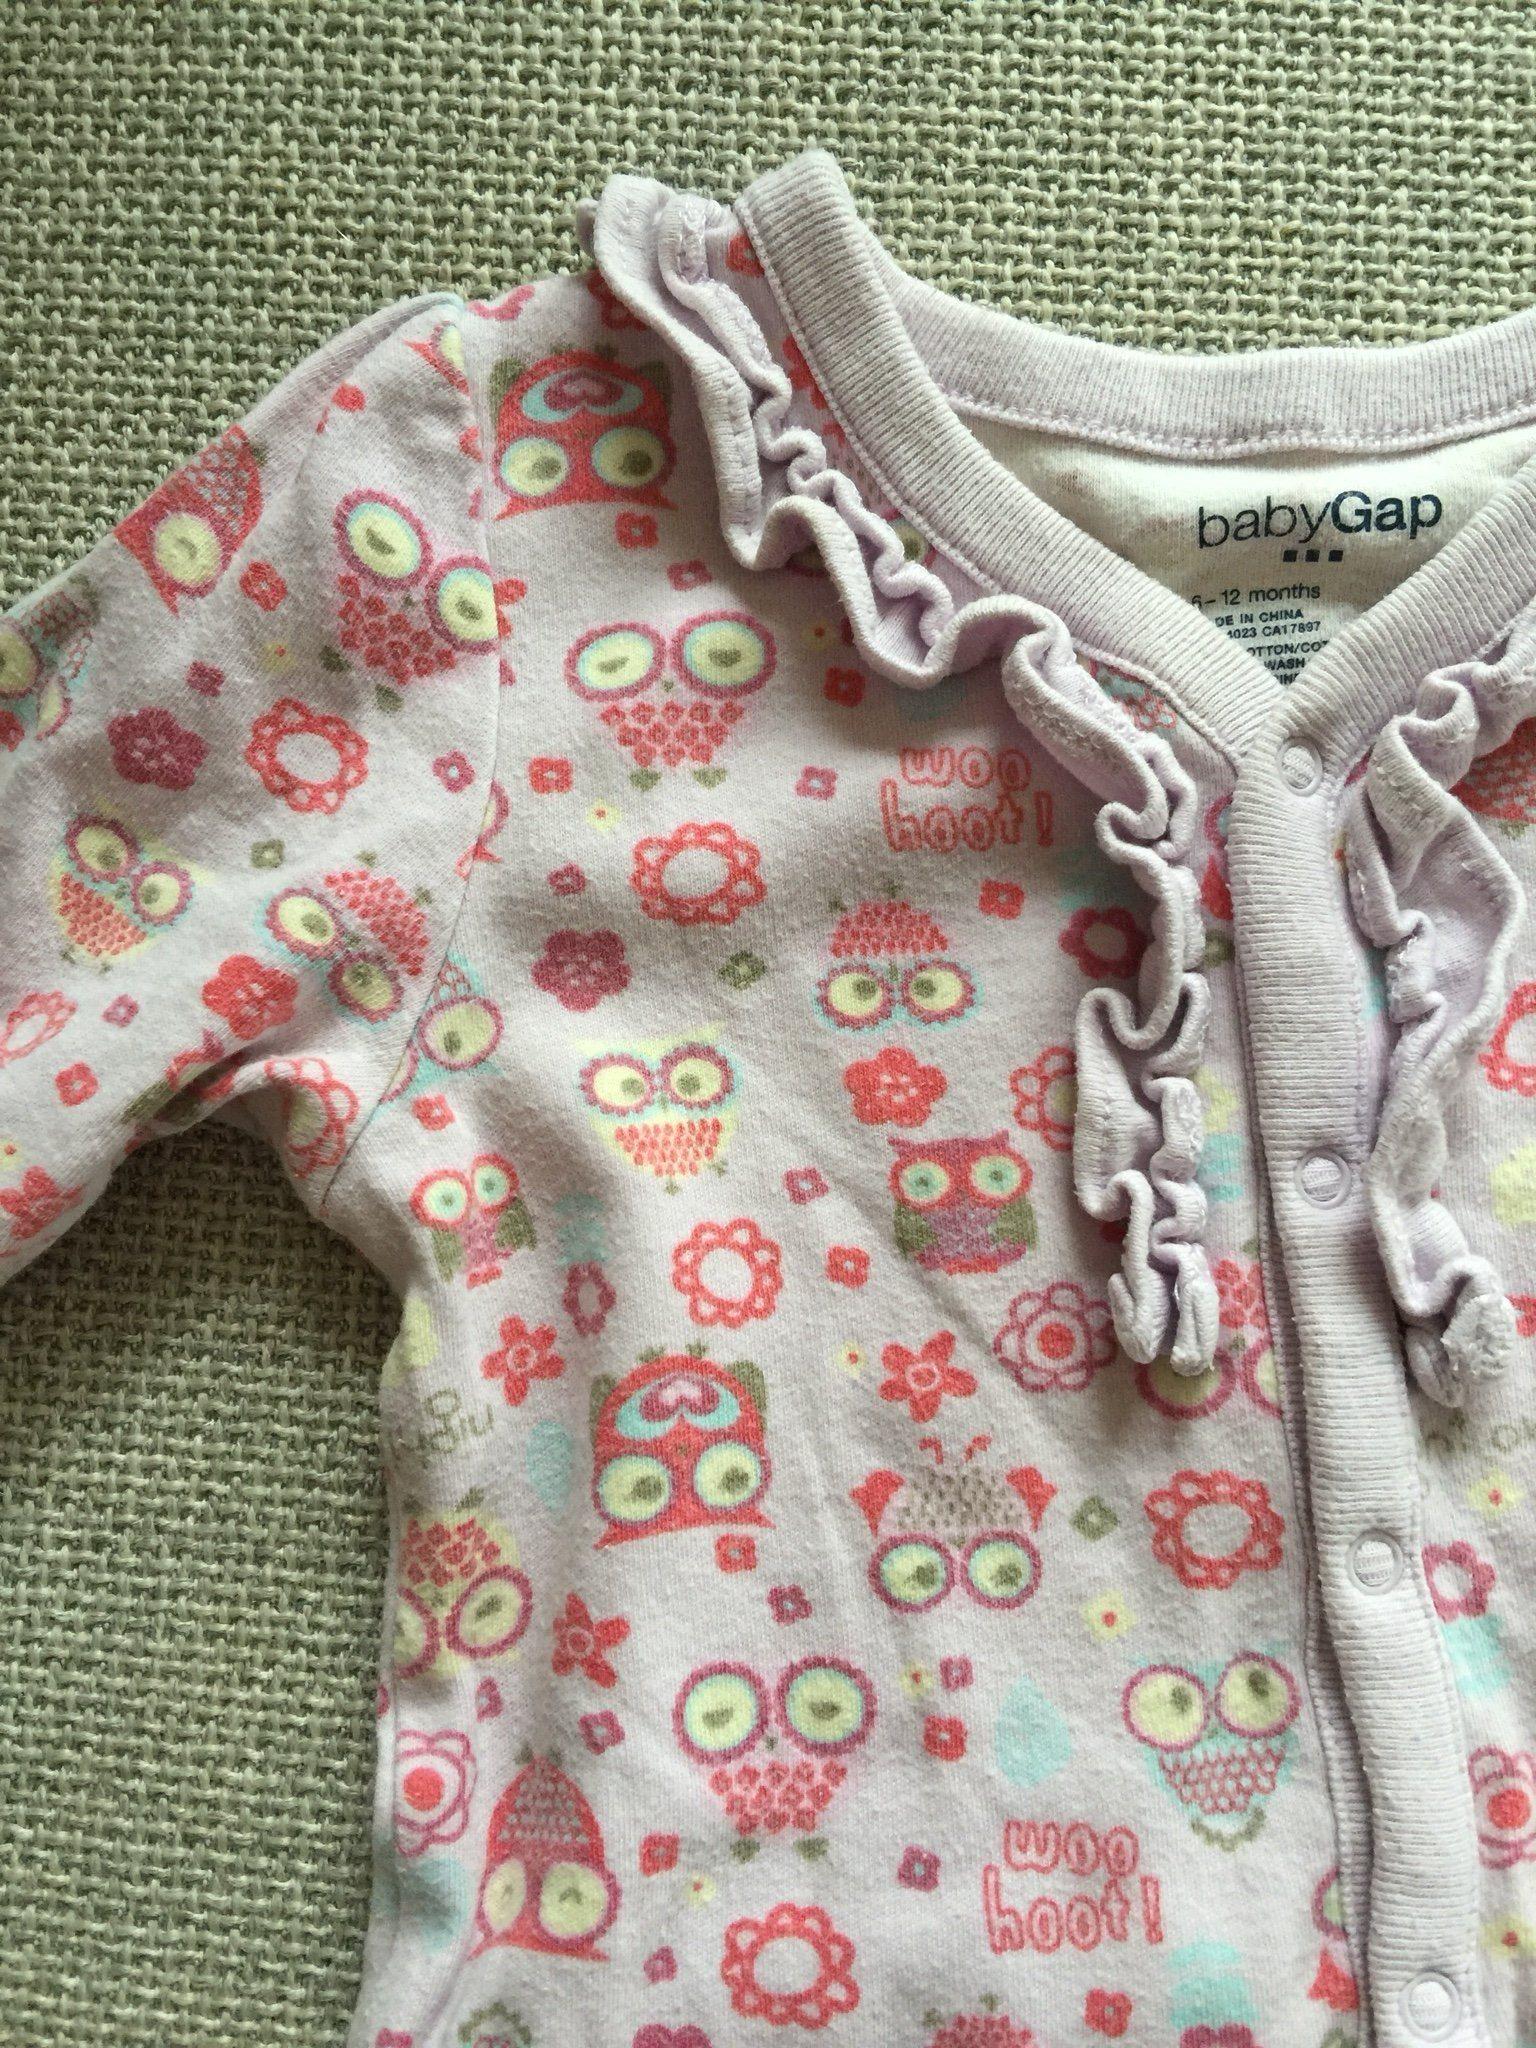 Ljuvlig pyjamas 7c5415d63f57f